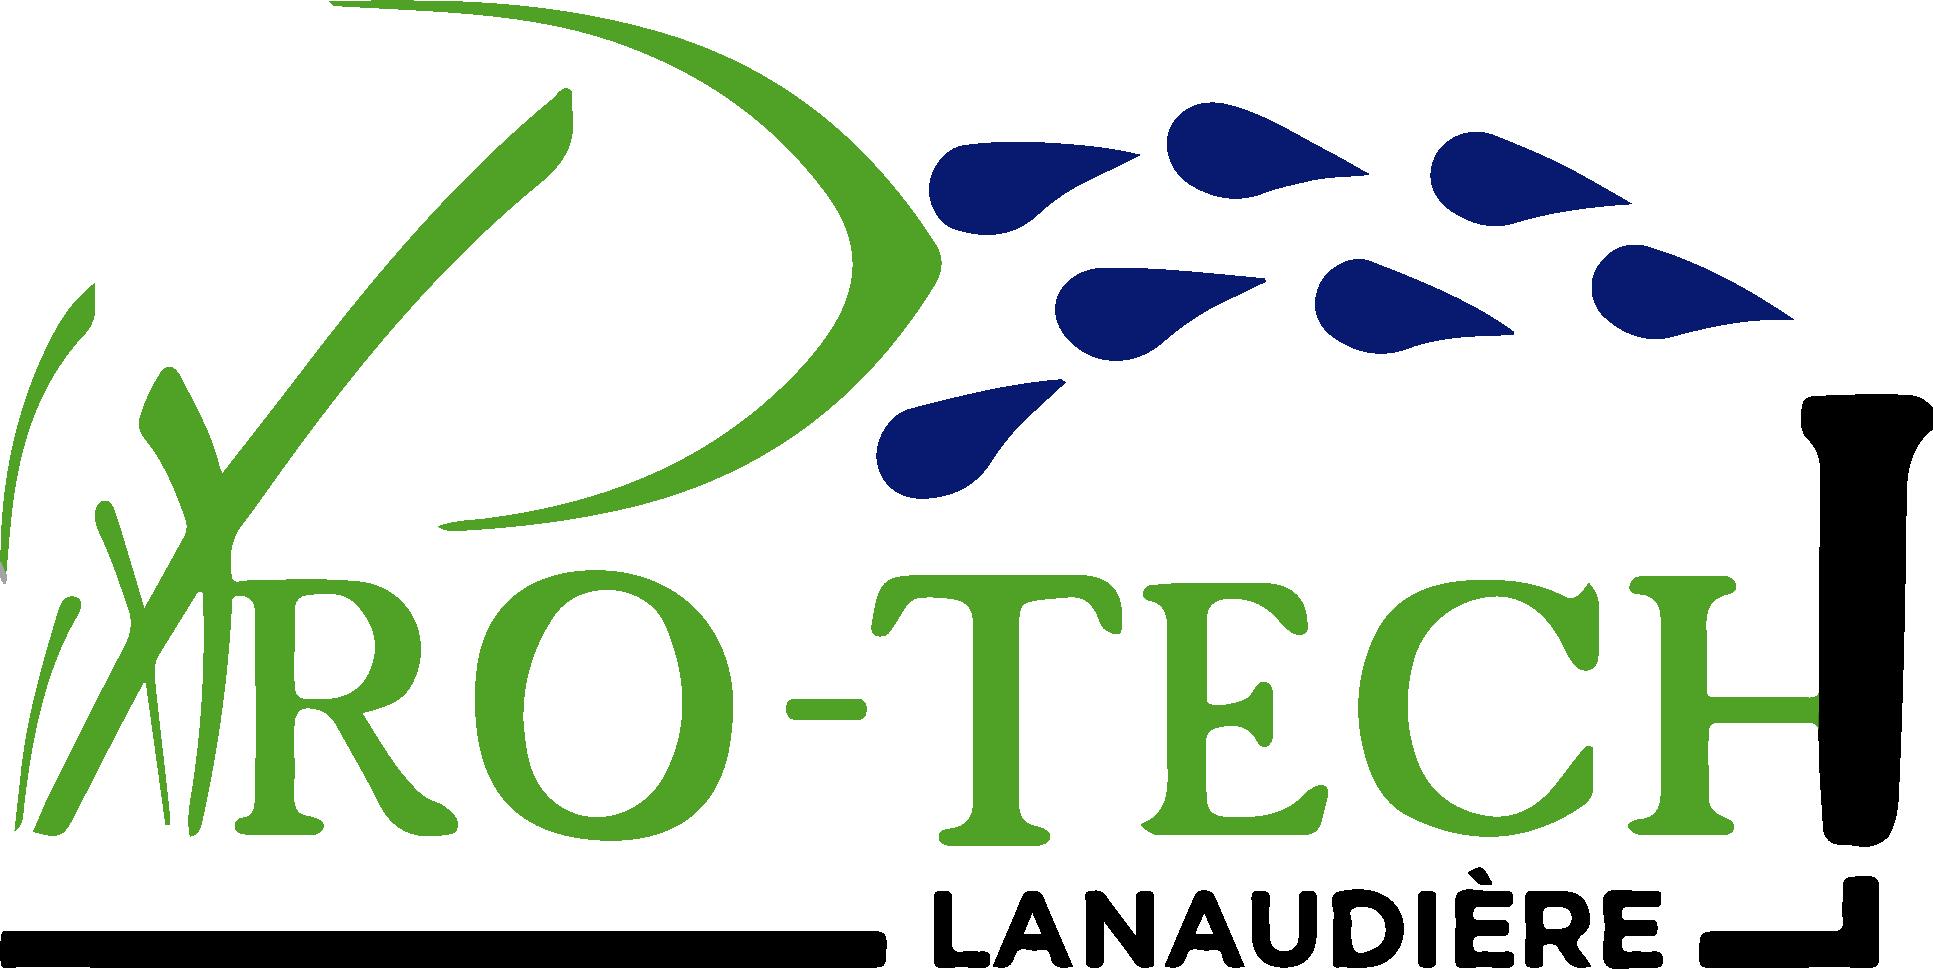 Pro-Tech Lanaudière